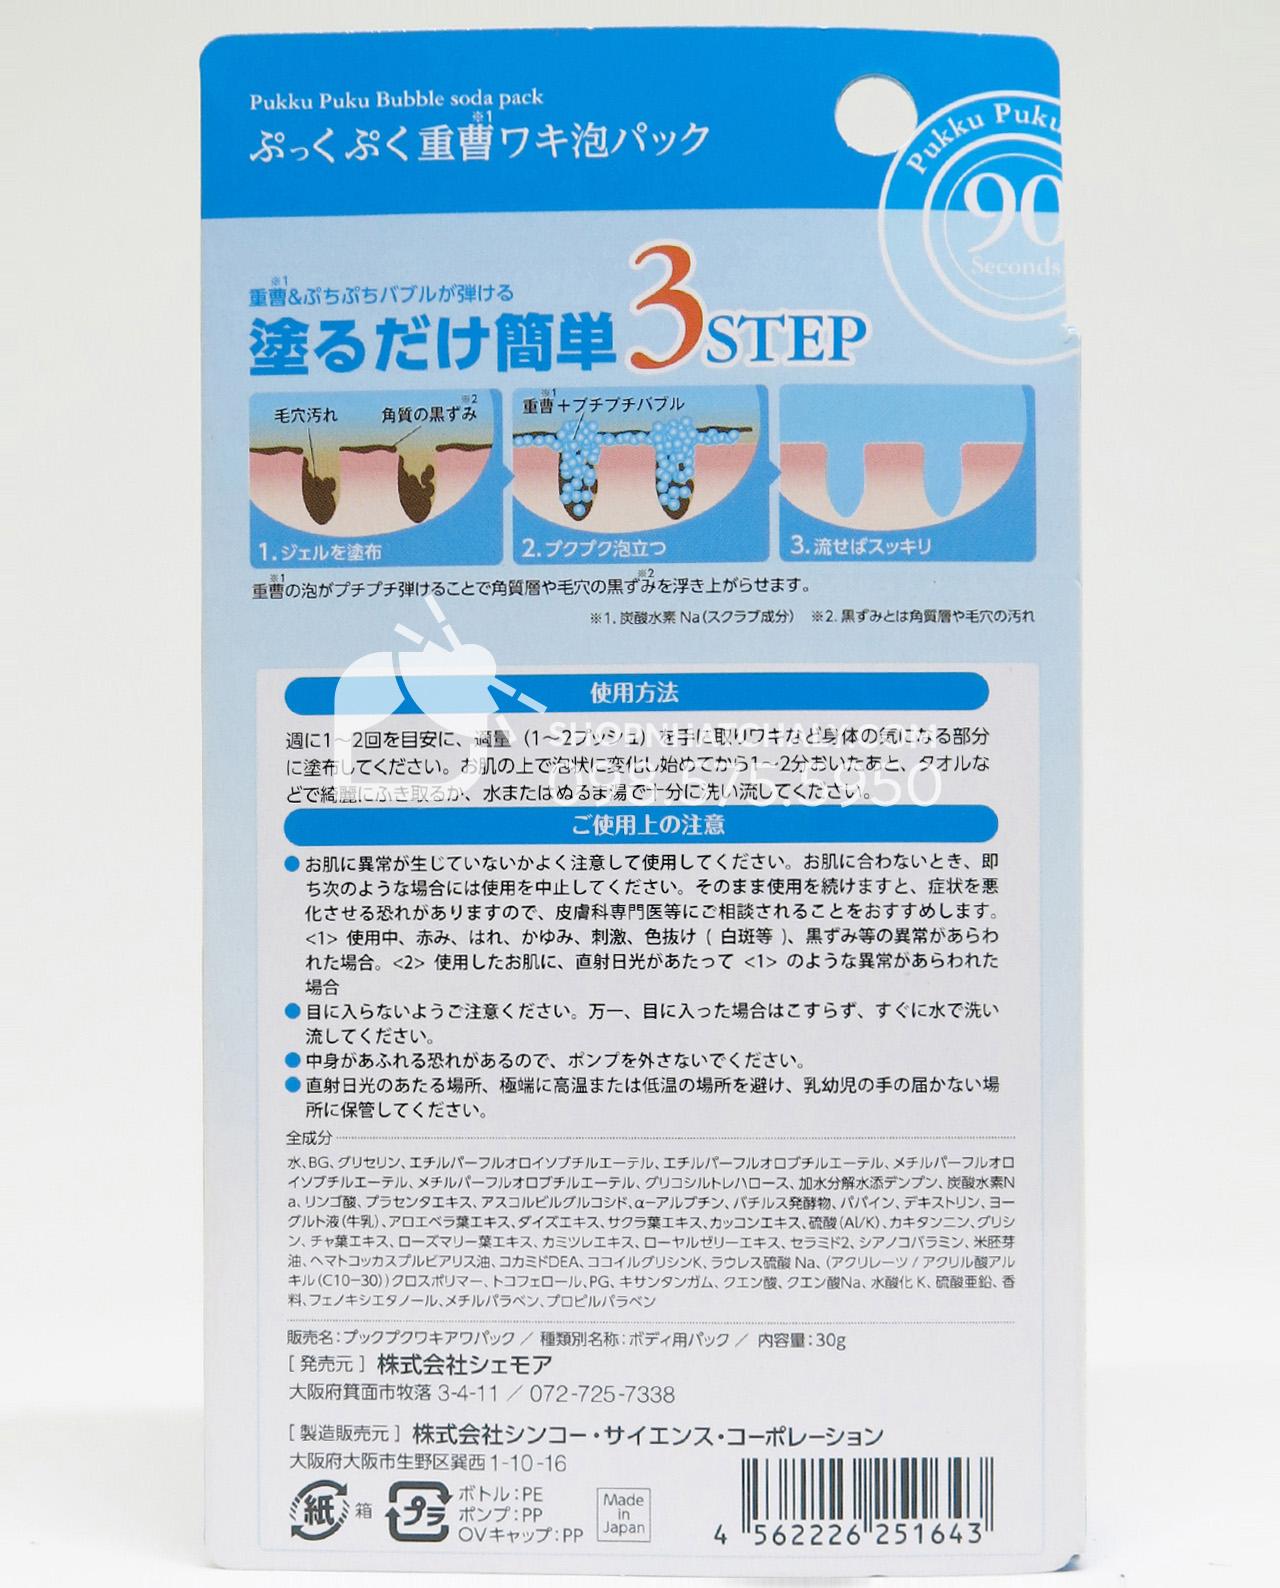 Kem trị thâm nách Pukku Puku Bubble Soda Pack 90gr - thông tin sản phẩm